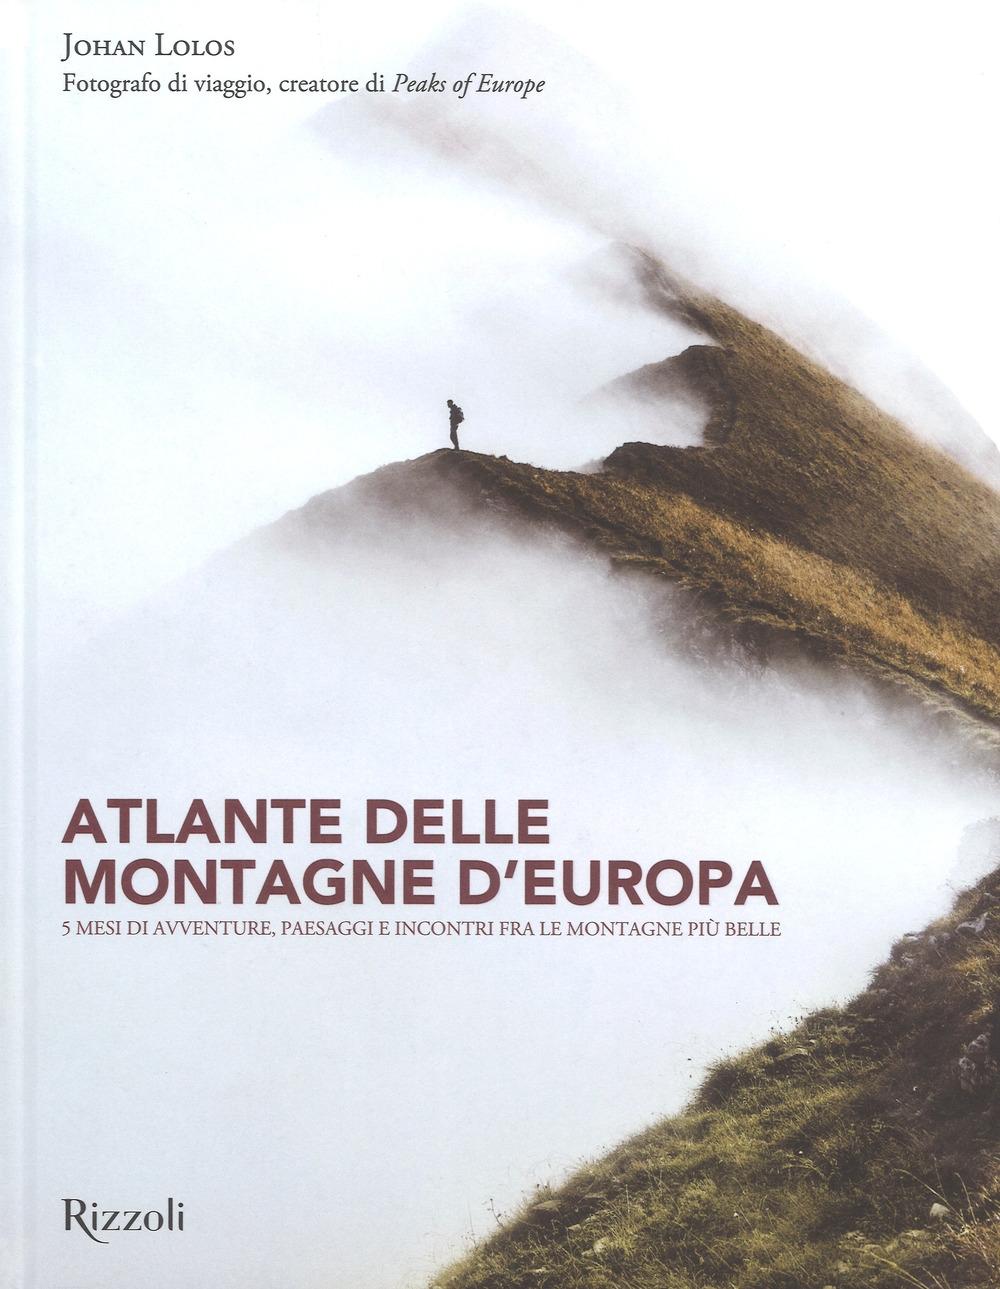 Atlante delle montagne d'Europa. 5 mesi di avventure, paesaggi e incontri fra le montagne più belle. Ediz. illustrata